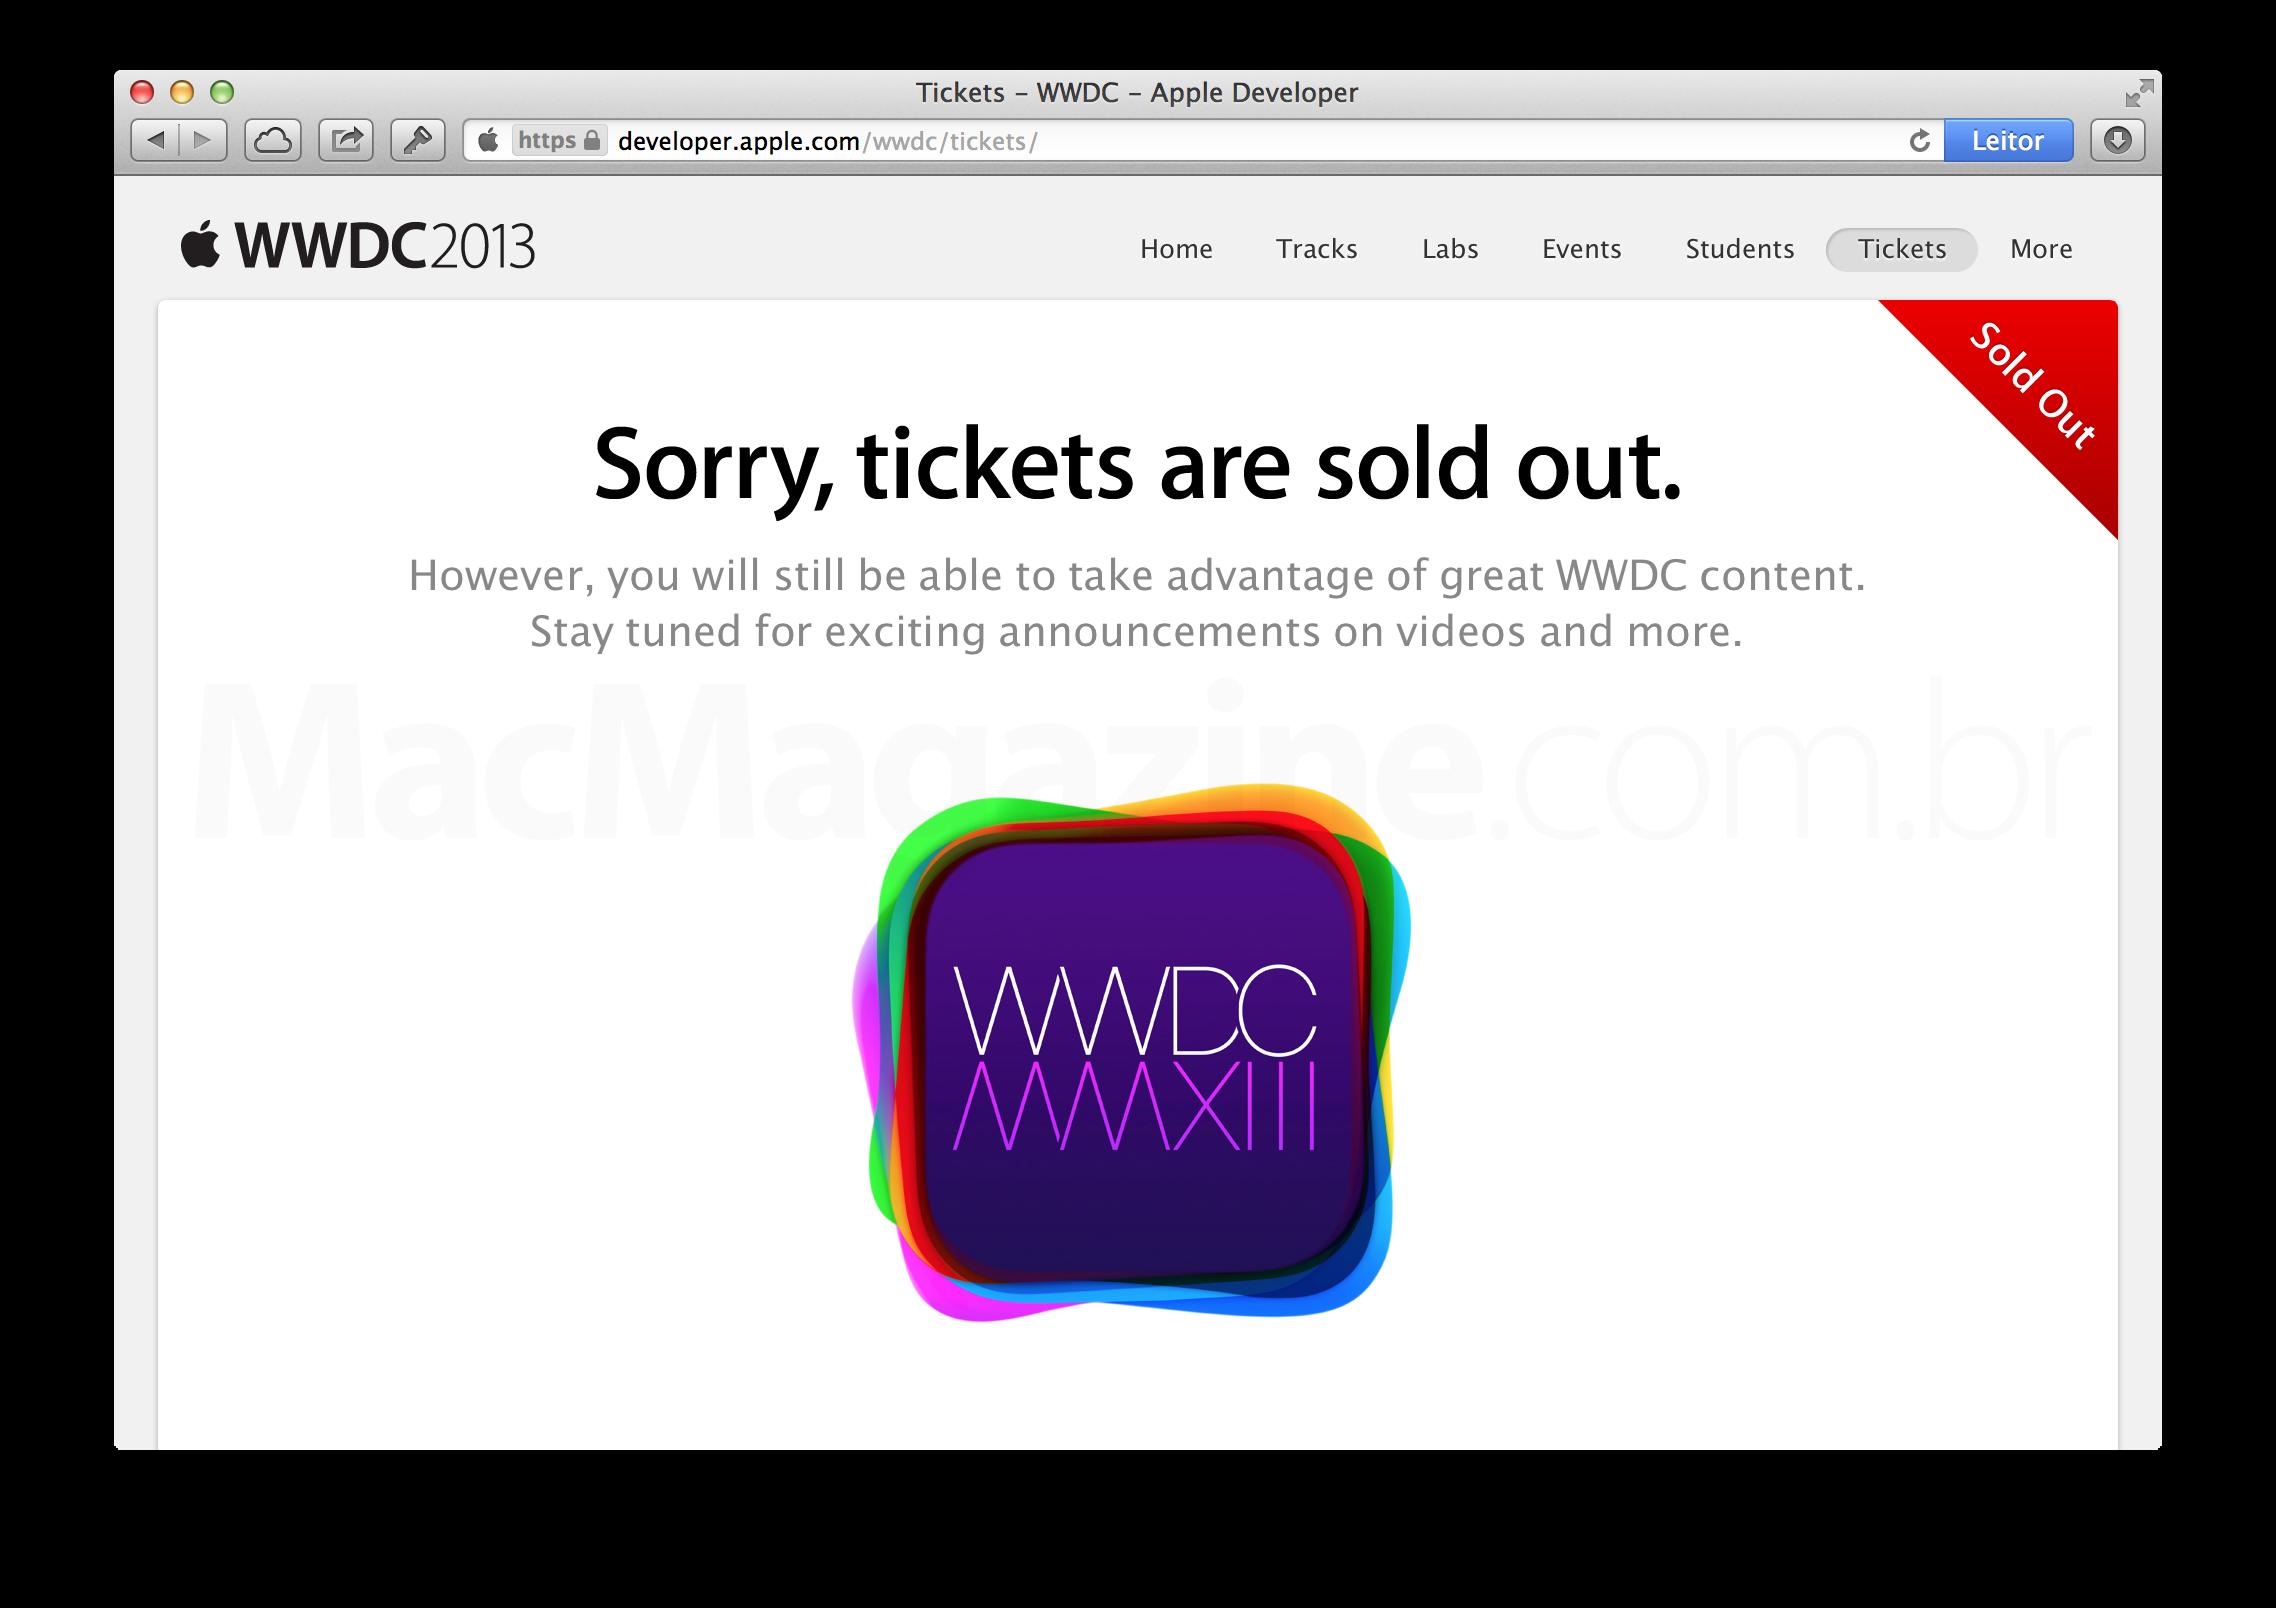 Tickets esgotados para a WWDC 2013